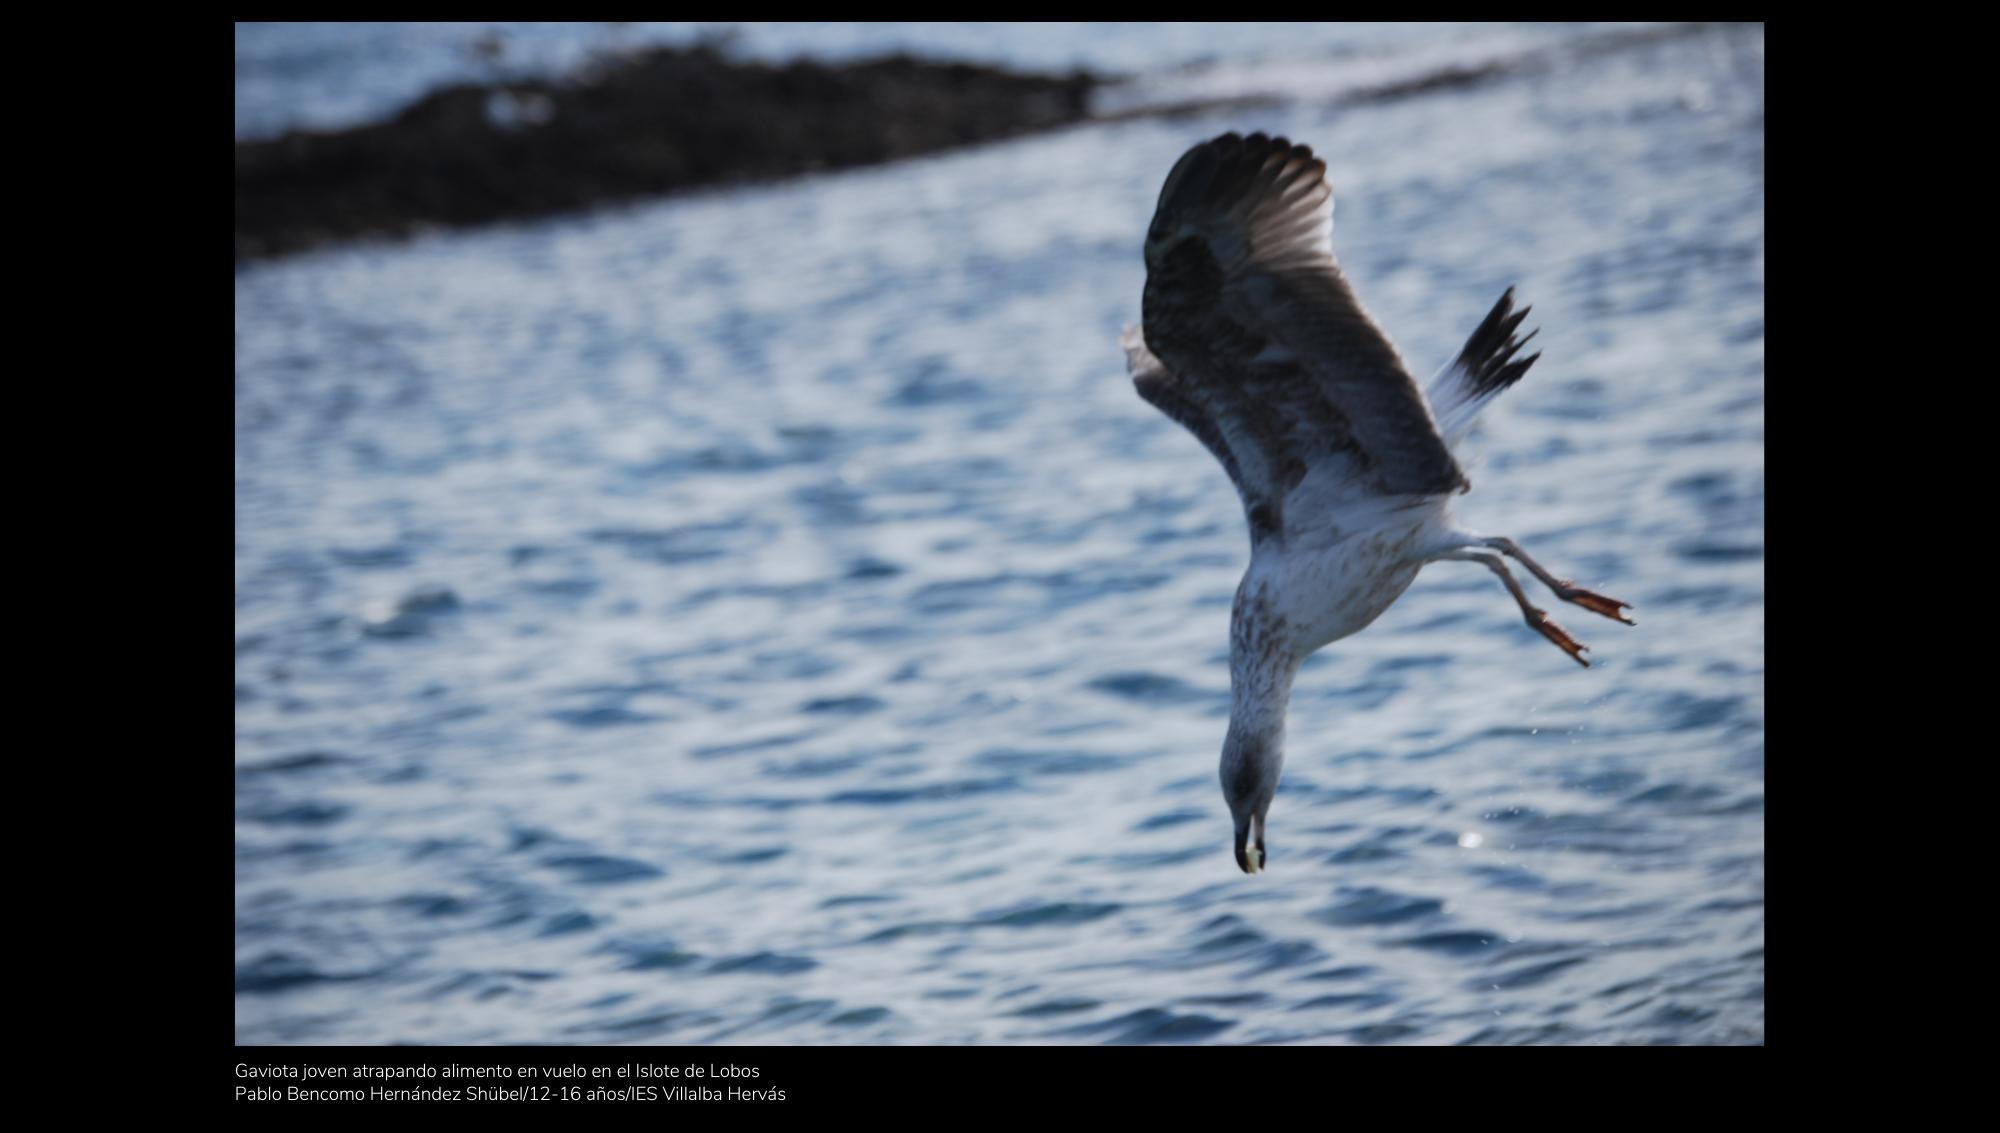 Gaviota joven atrapando alimento en vuelo en el Islote de Lobos